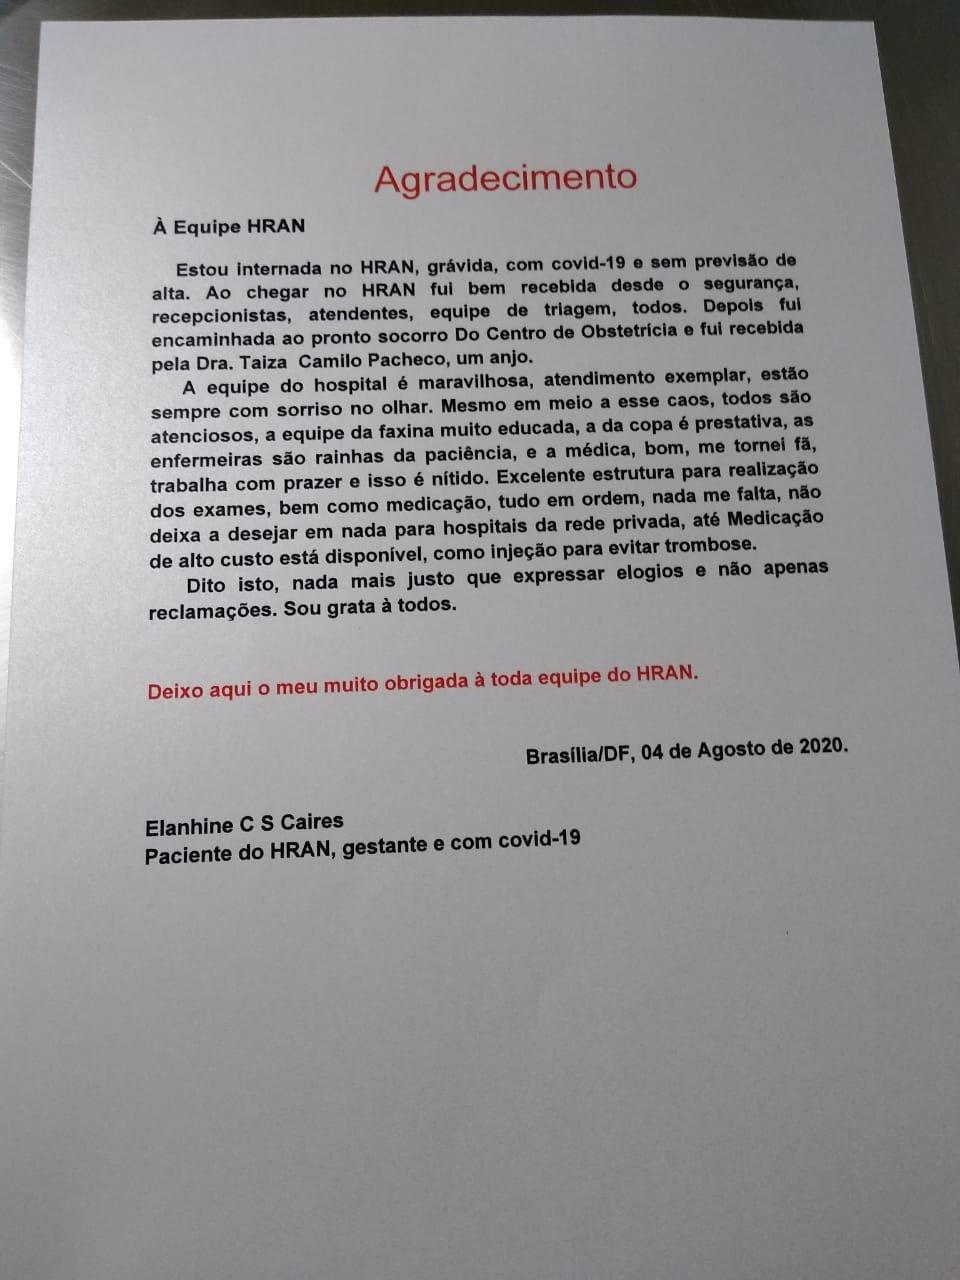 Carta de getante com Covid-19 ao HRAN